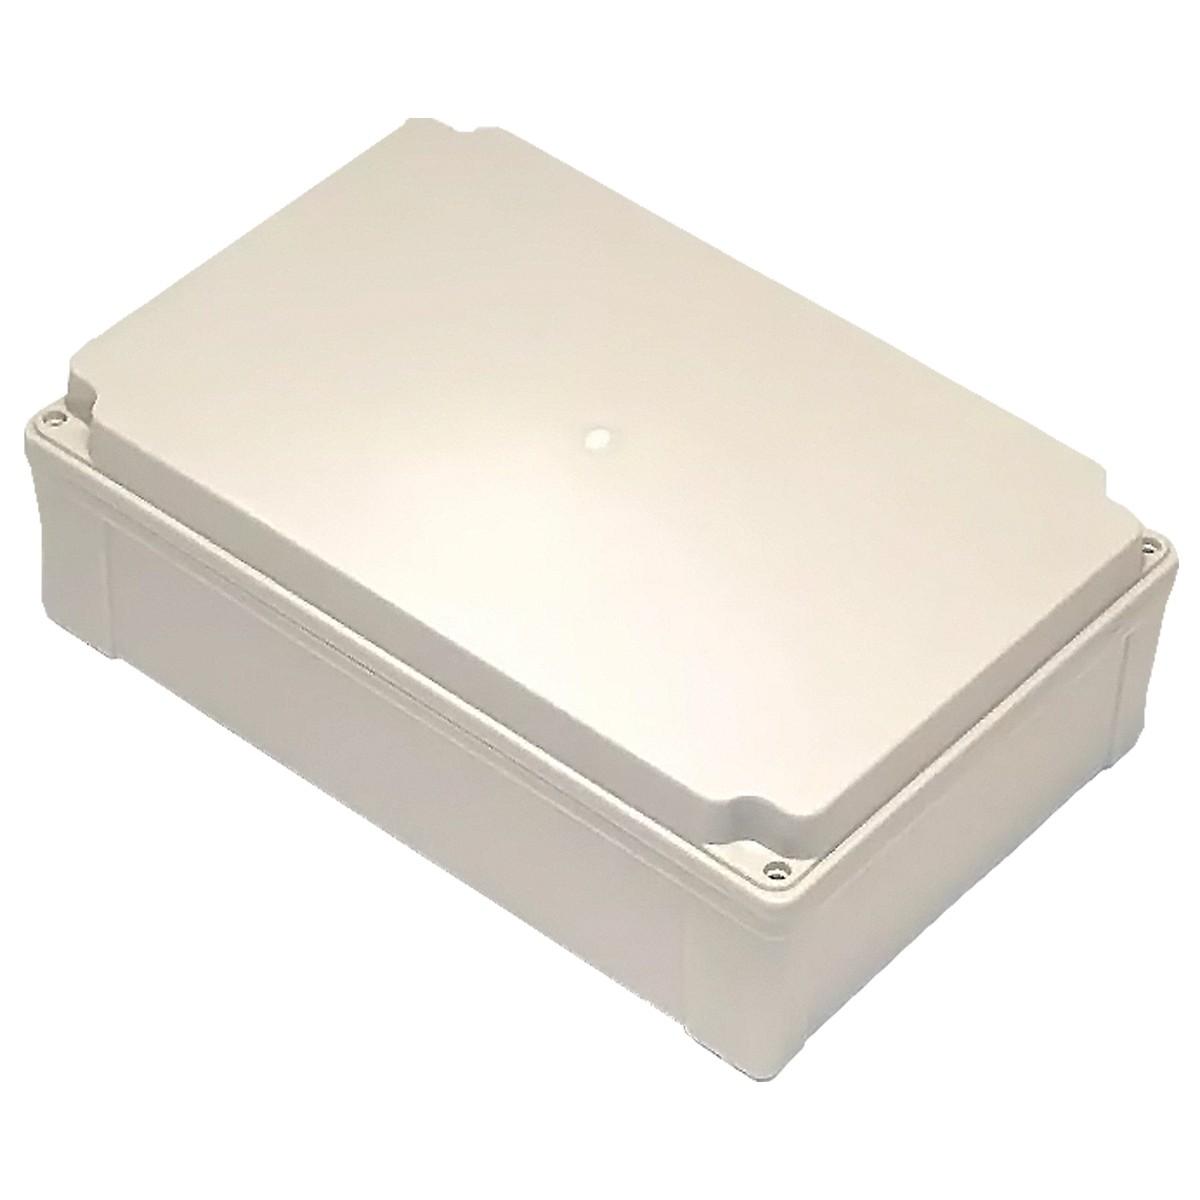 Caixa Plástica Pvc 350X260X130mm Com Fecho E Dobradiça